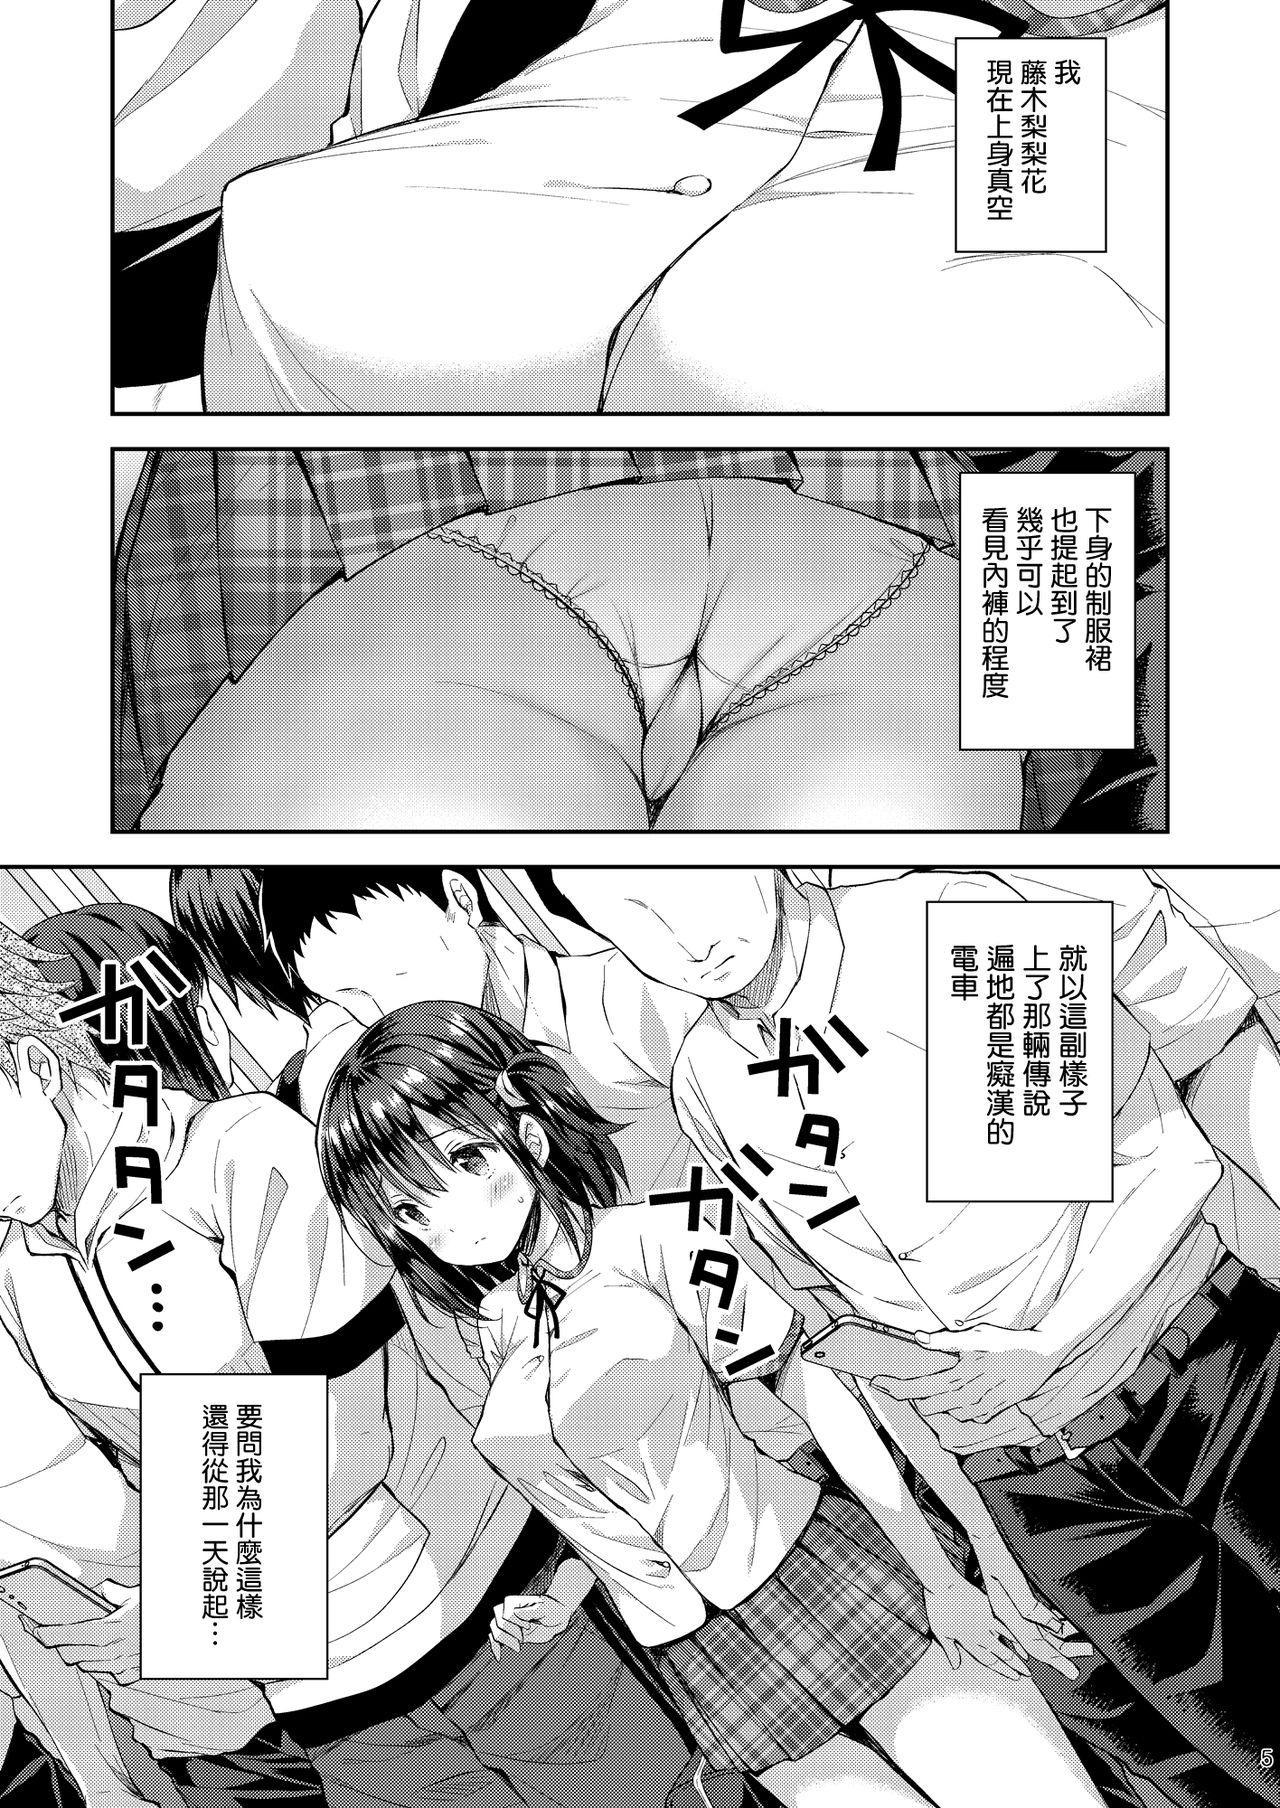 Chijoku no Chikan Densha 4 5